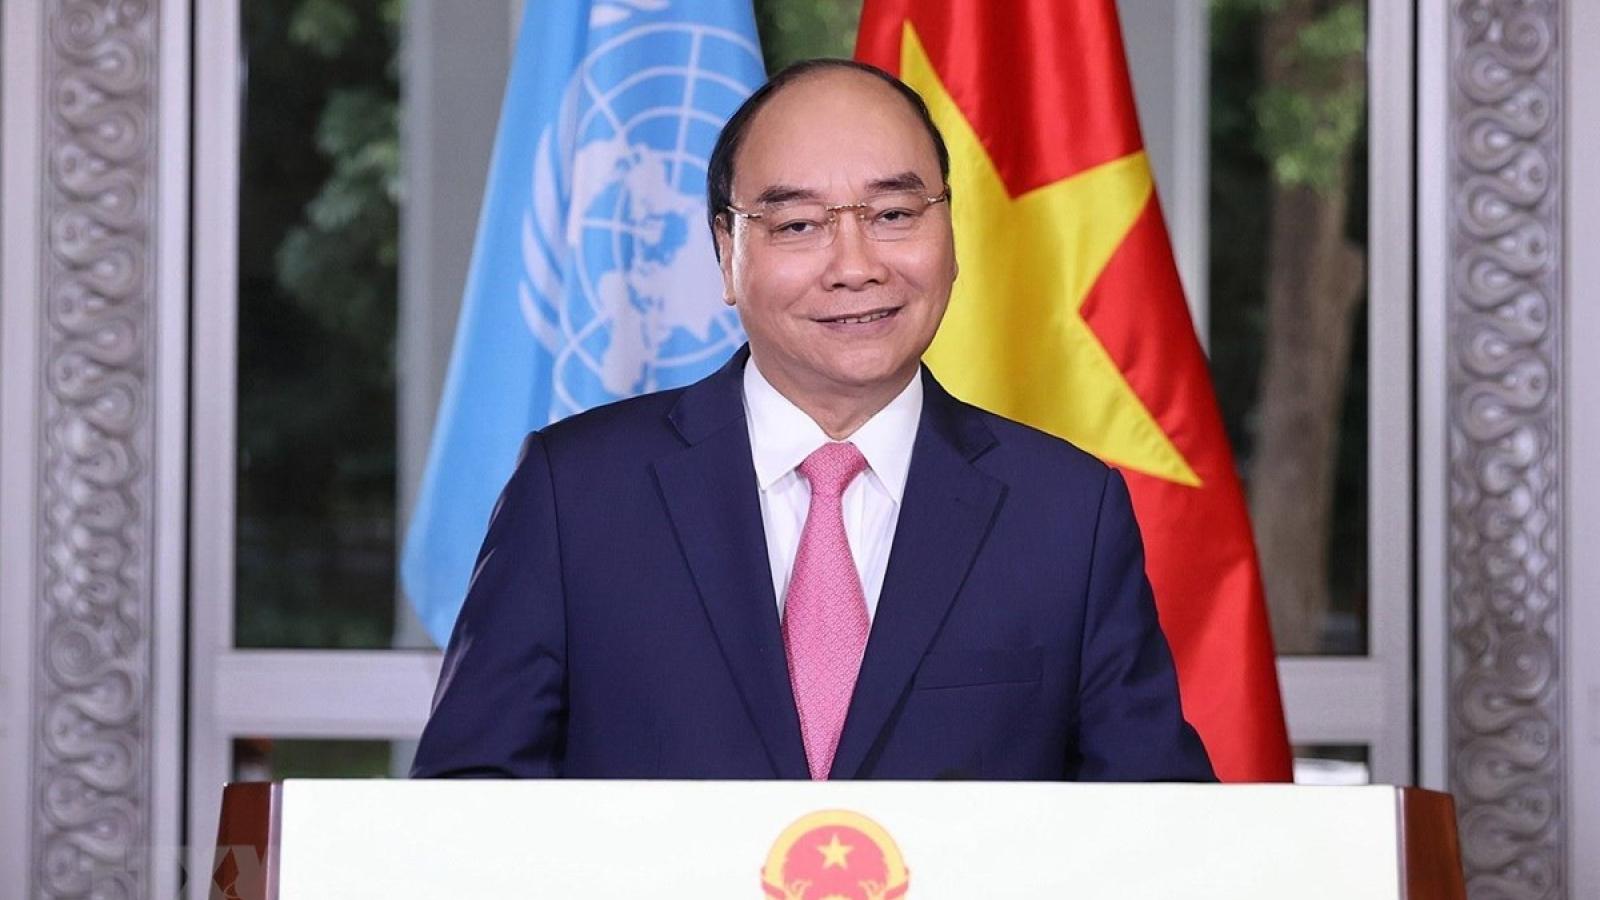 Thủ tướng gửi thông điệp đặc biệt tại phiên họp của LHQ về ứng phó COVID-19